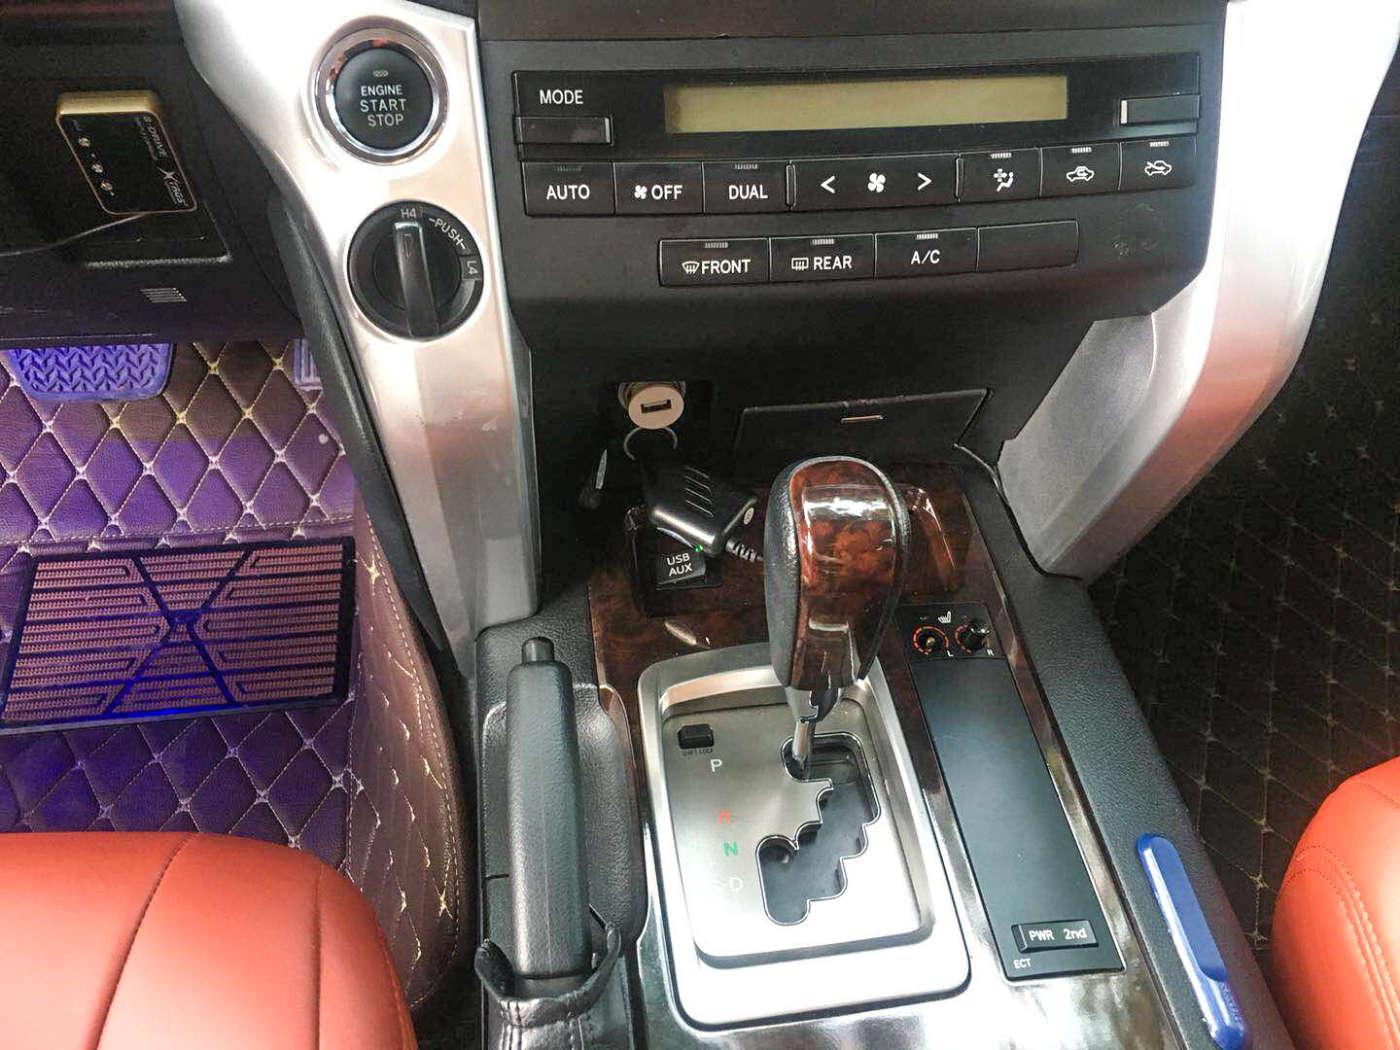 2015年11月 丰田 2015款 兰德酷路泽(进口) 4.0L 自动 4000 中东乞丐版|甄选丰田-北京卡斯基汽车服务有限公司